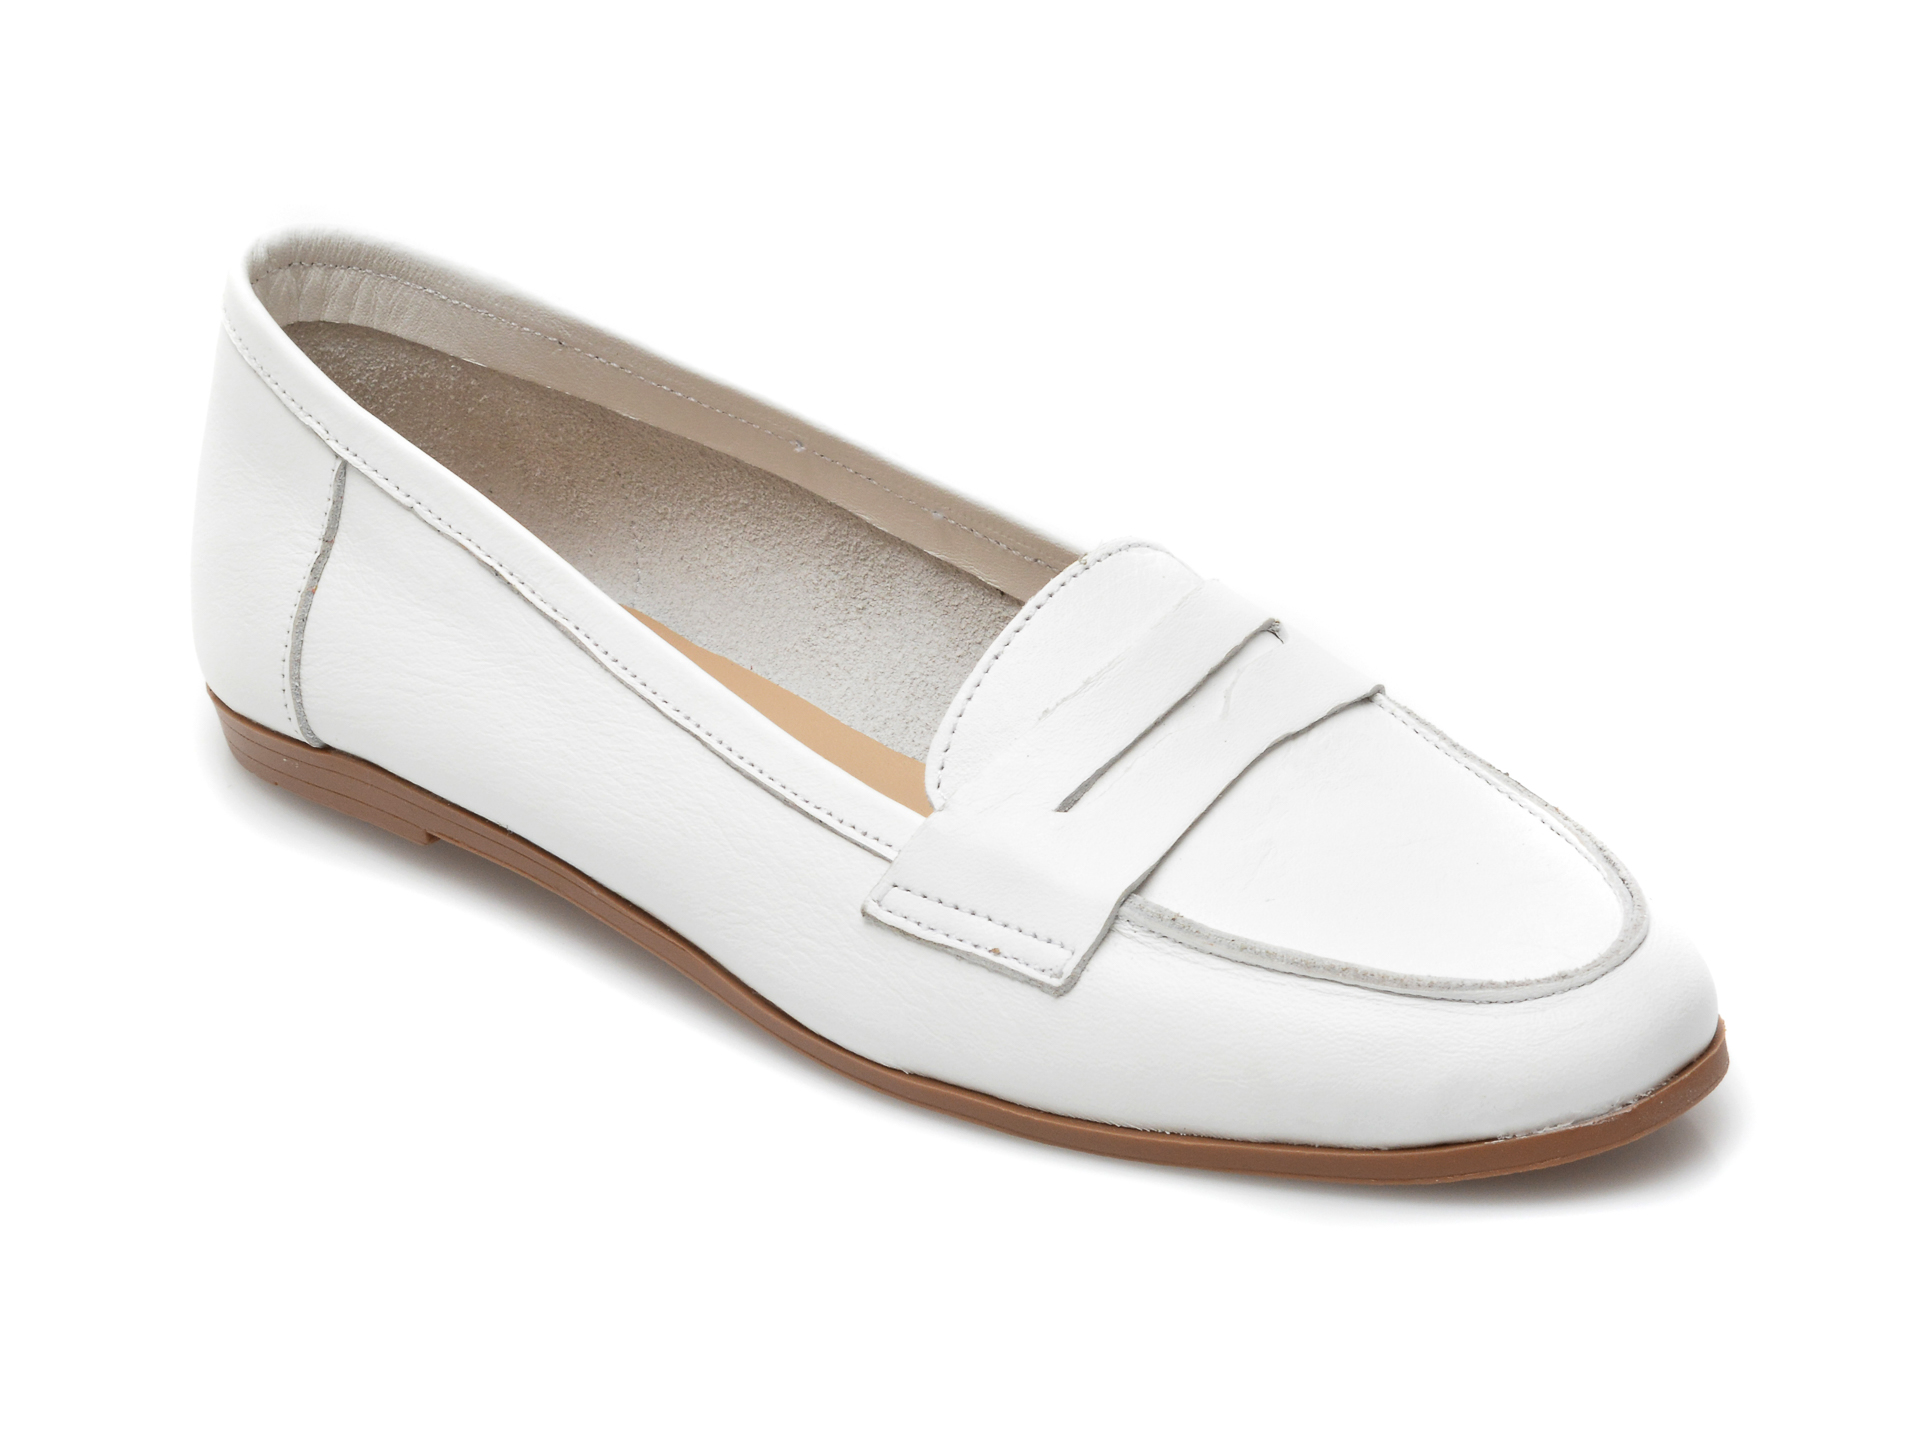 Balerini dama BABOOS, 2, din piele naturala albi